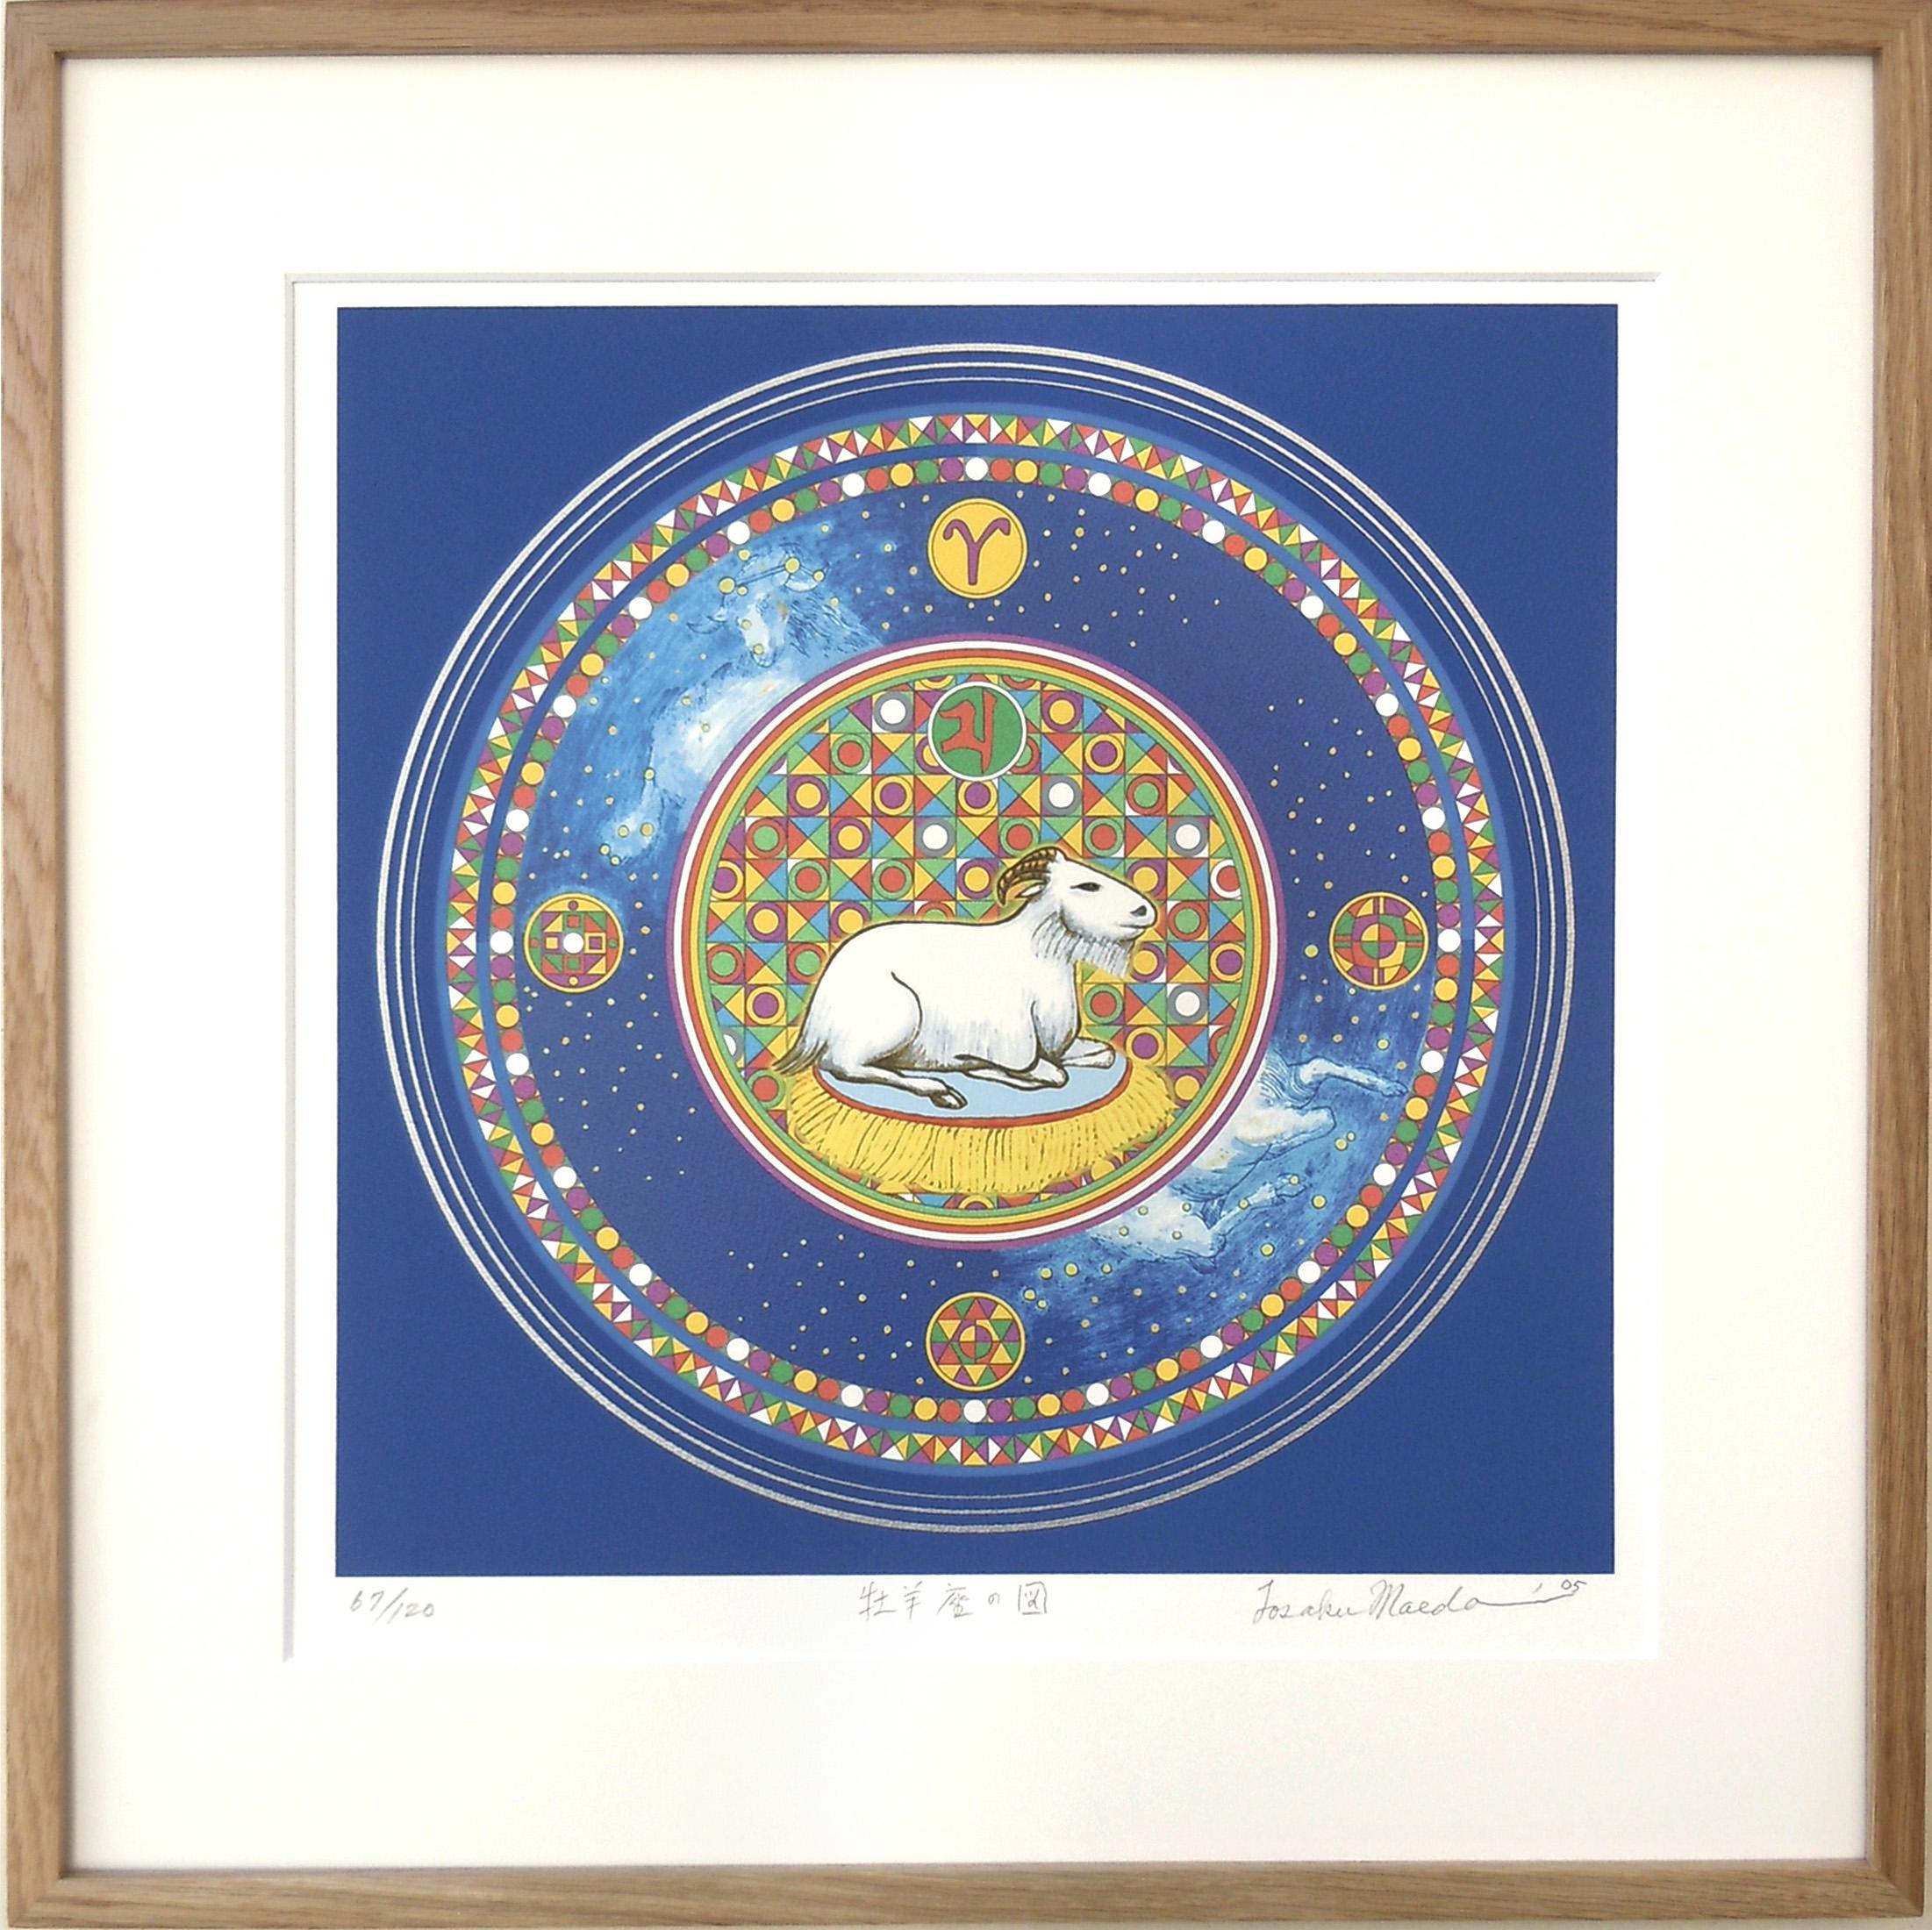 【著名アーティストシルクスクリーン版画作品】前田常作「牡羊座の図」